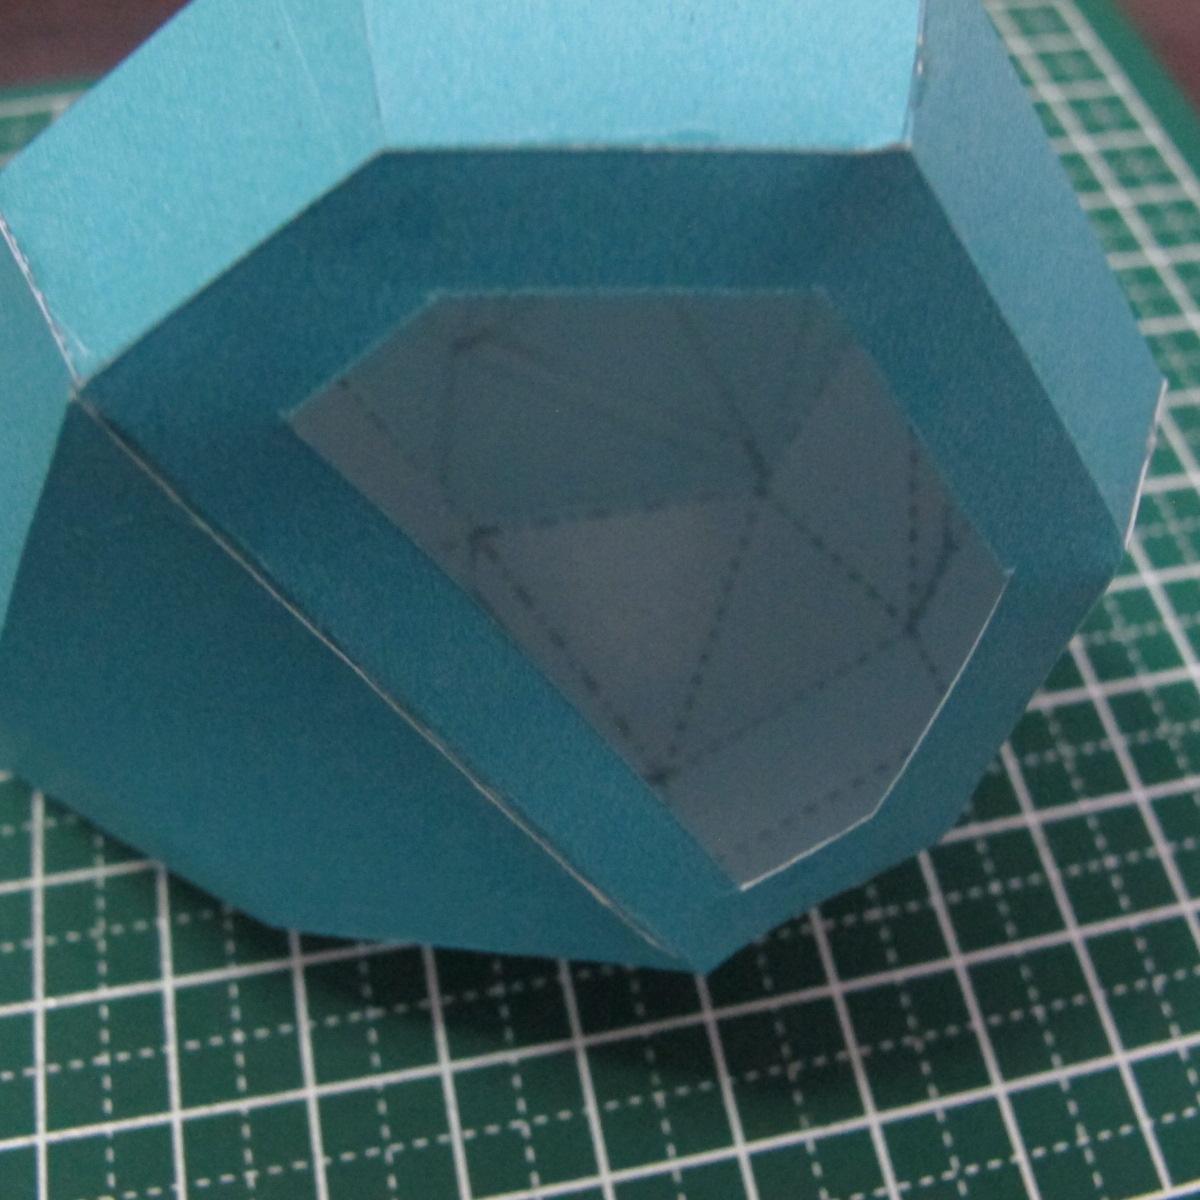 วิธีทำของเล่นโมเดลกระดาษรูปนก (Bird Paper craft ) 023